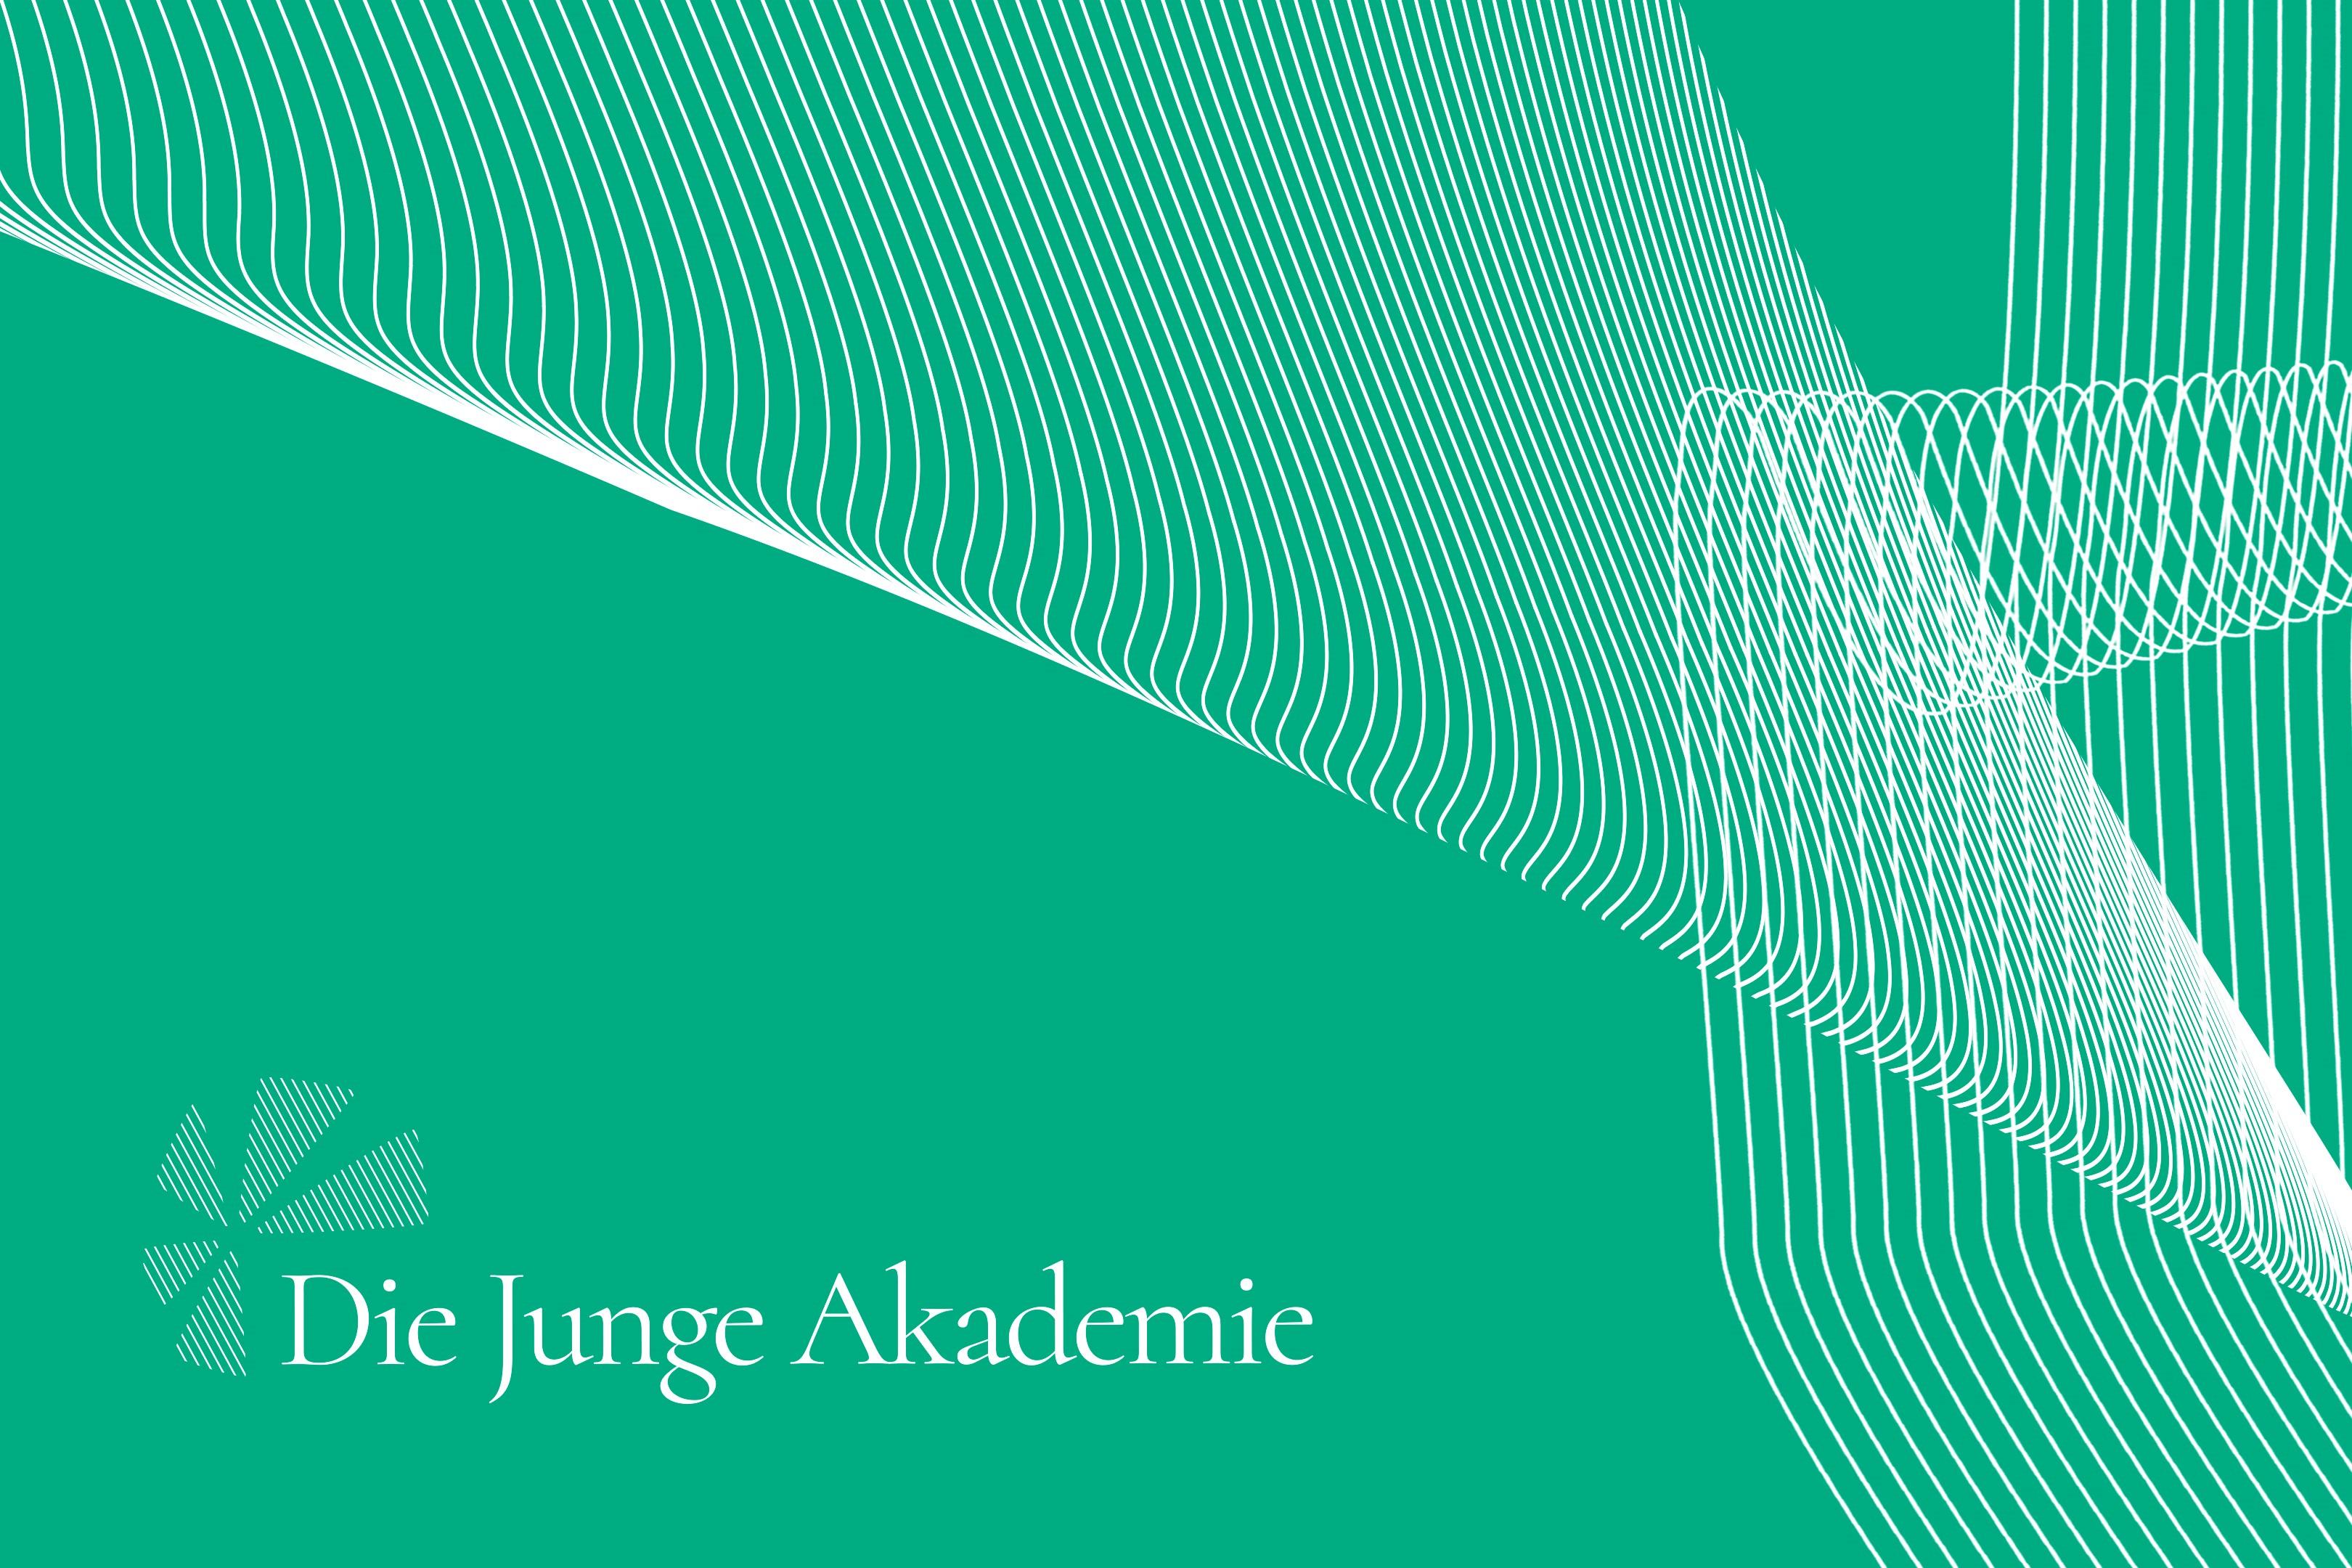 """grüner Hintergrund und darauf der Schriftzug """"Die Junge Akademie"""""""